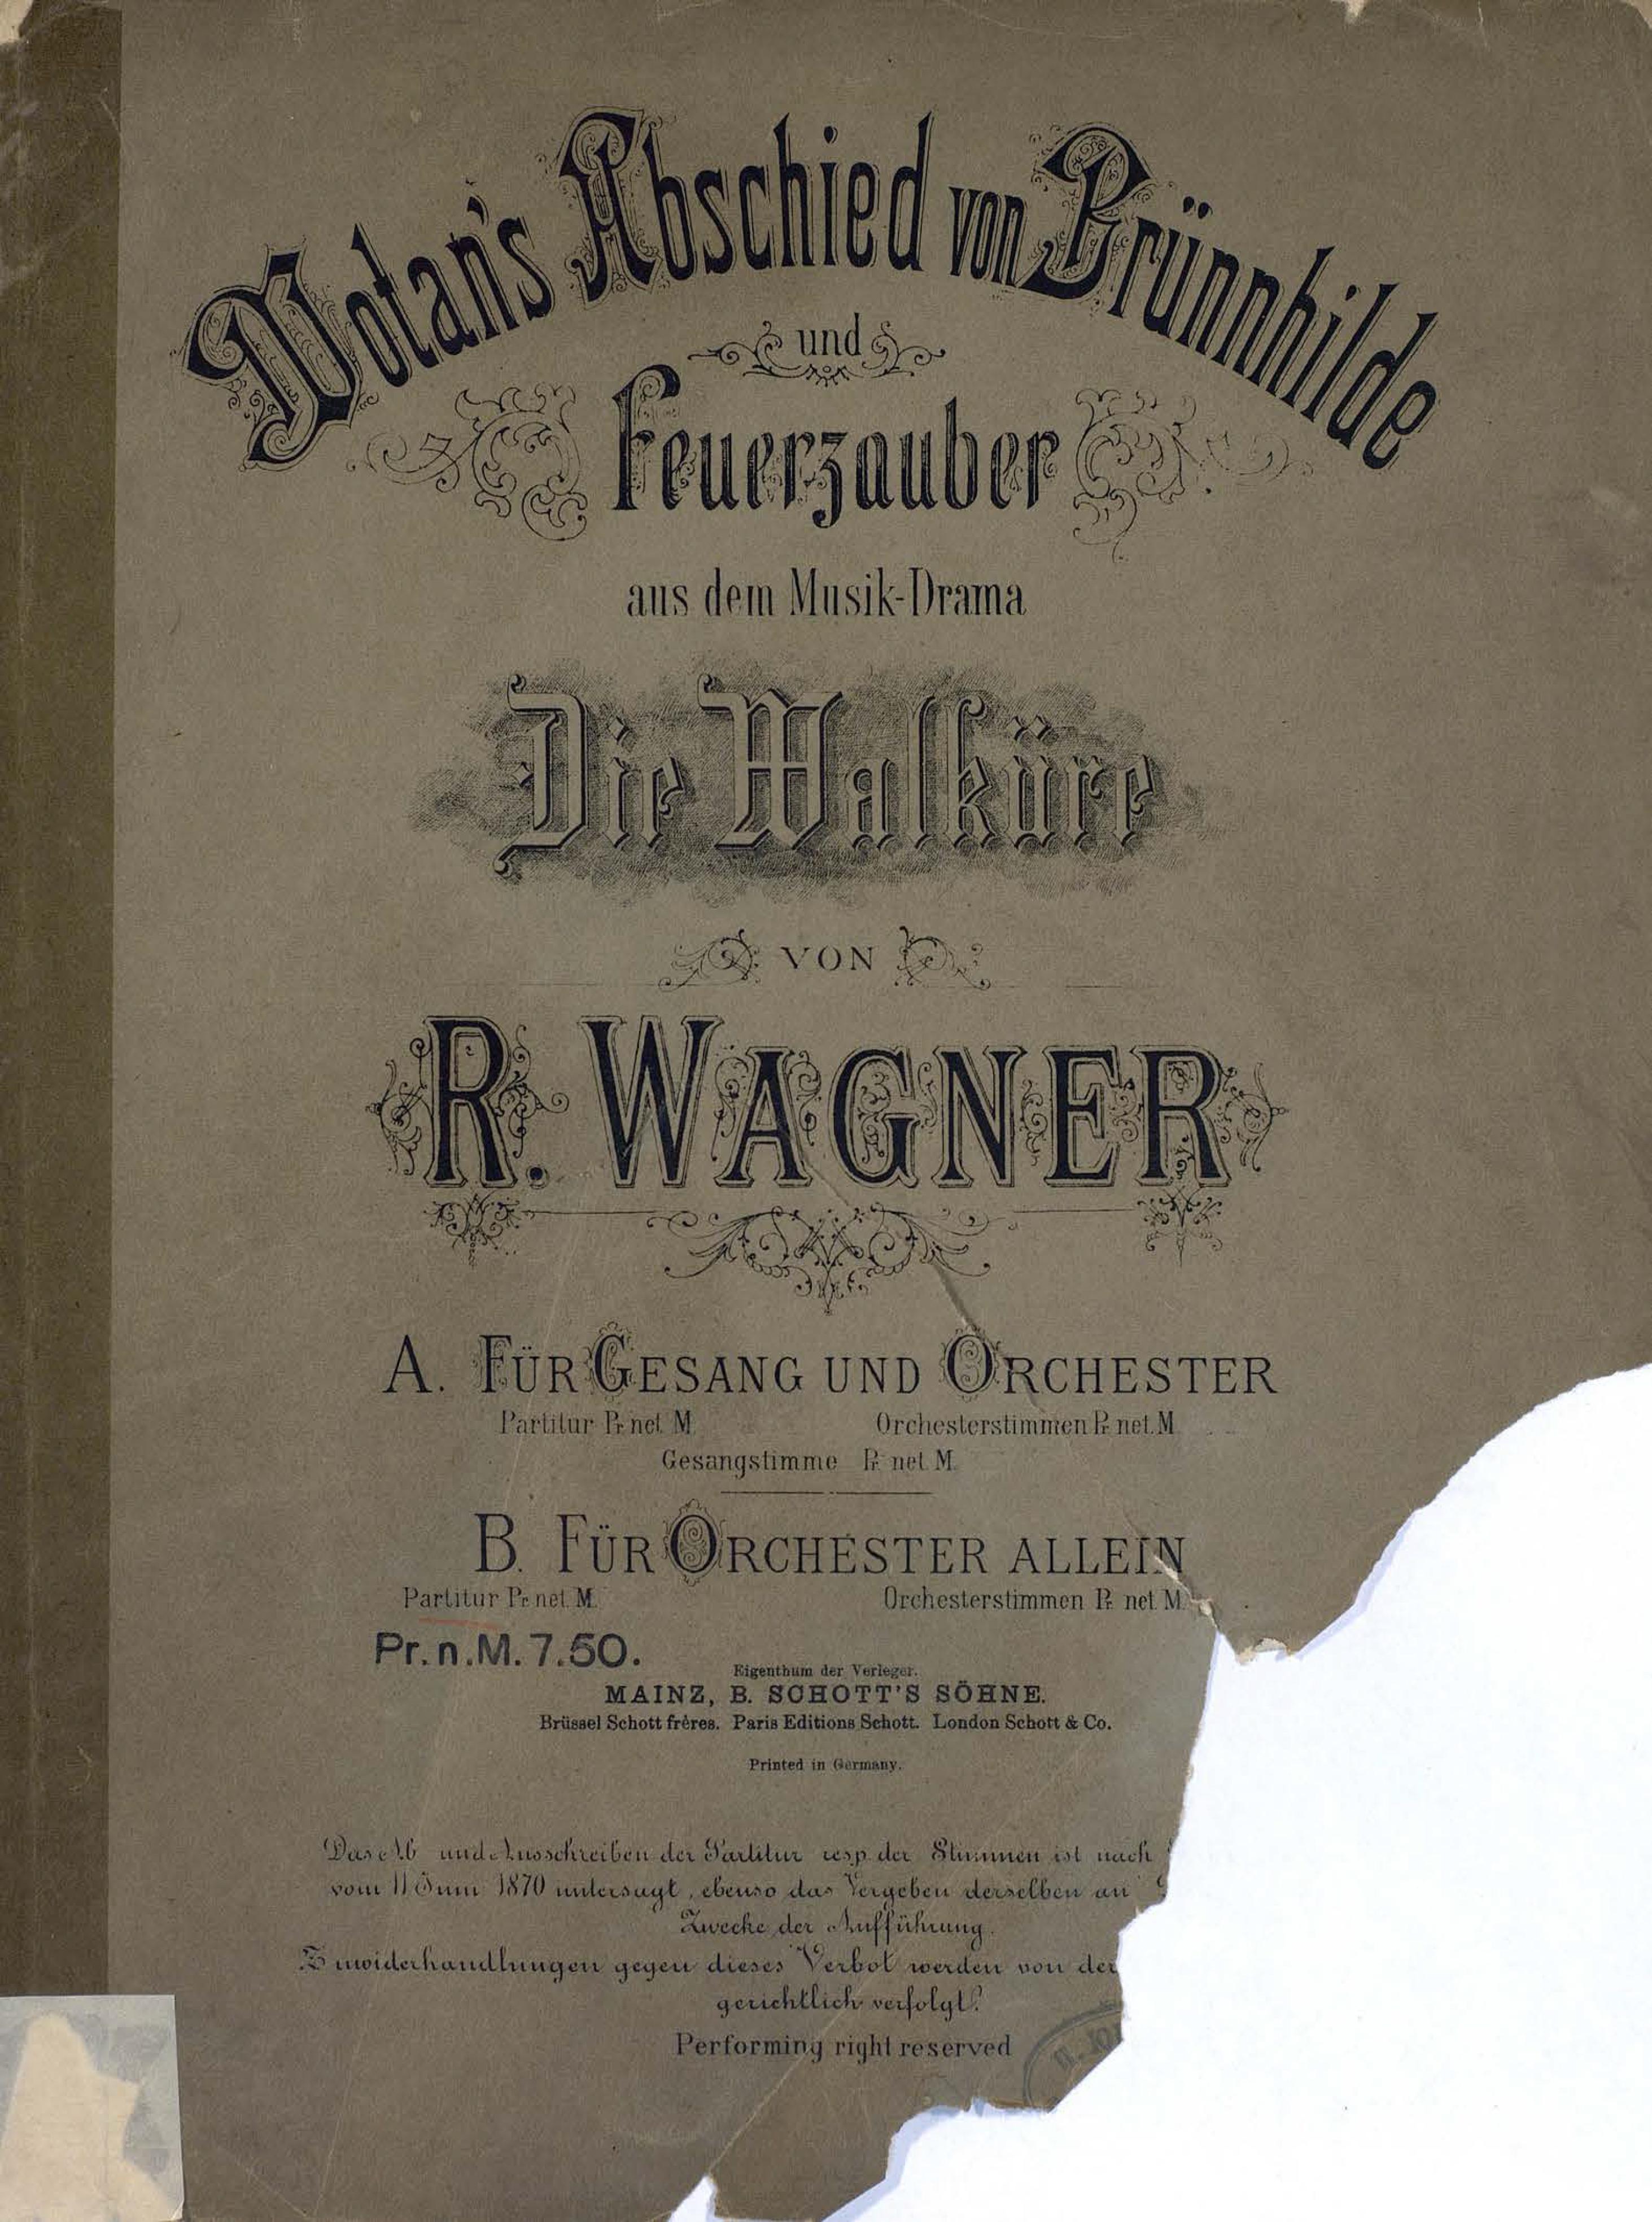 """Wotan's Abschied von Brunnhilde u. Feuerzauber aus dem Musik-Drama""""Die Walkure""""v. R. Wagner"""